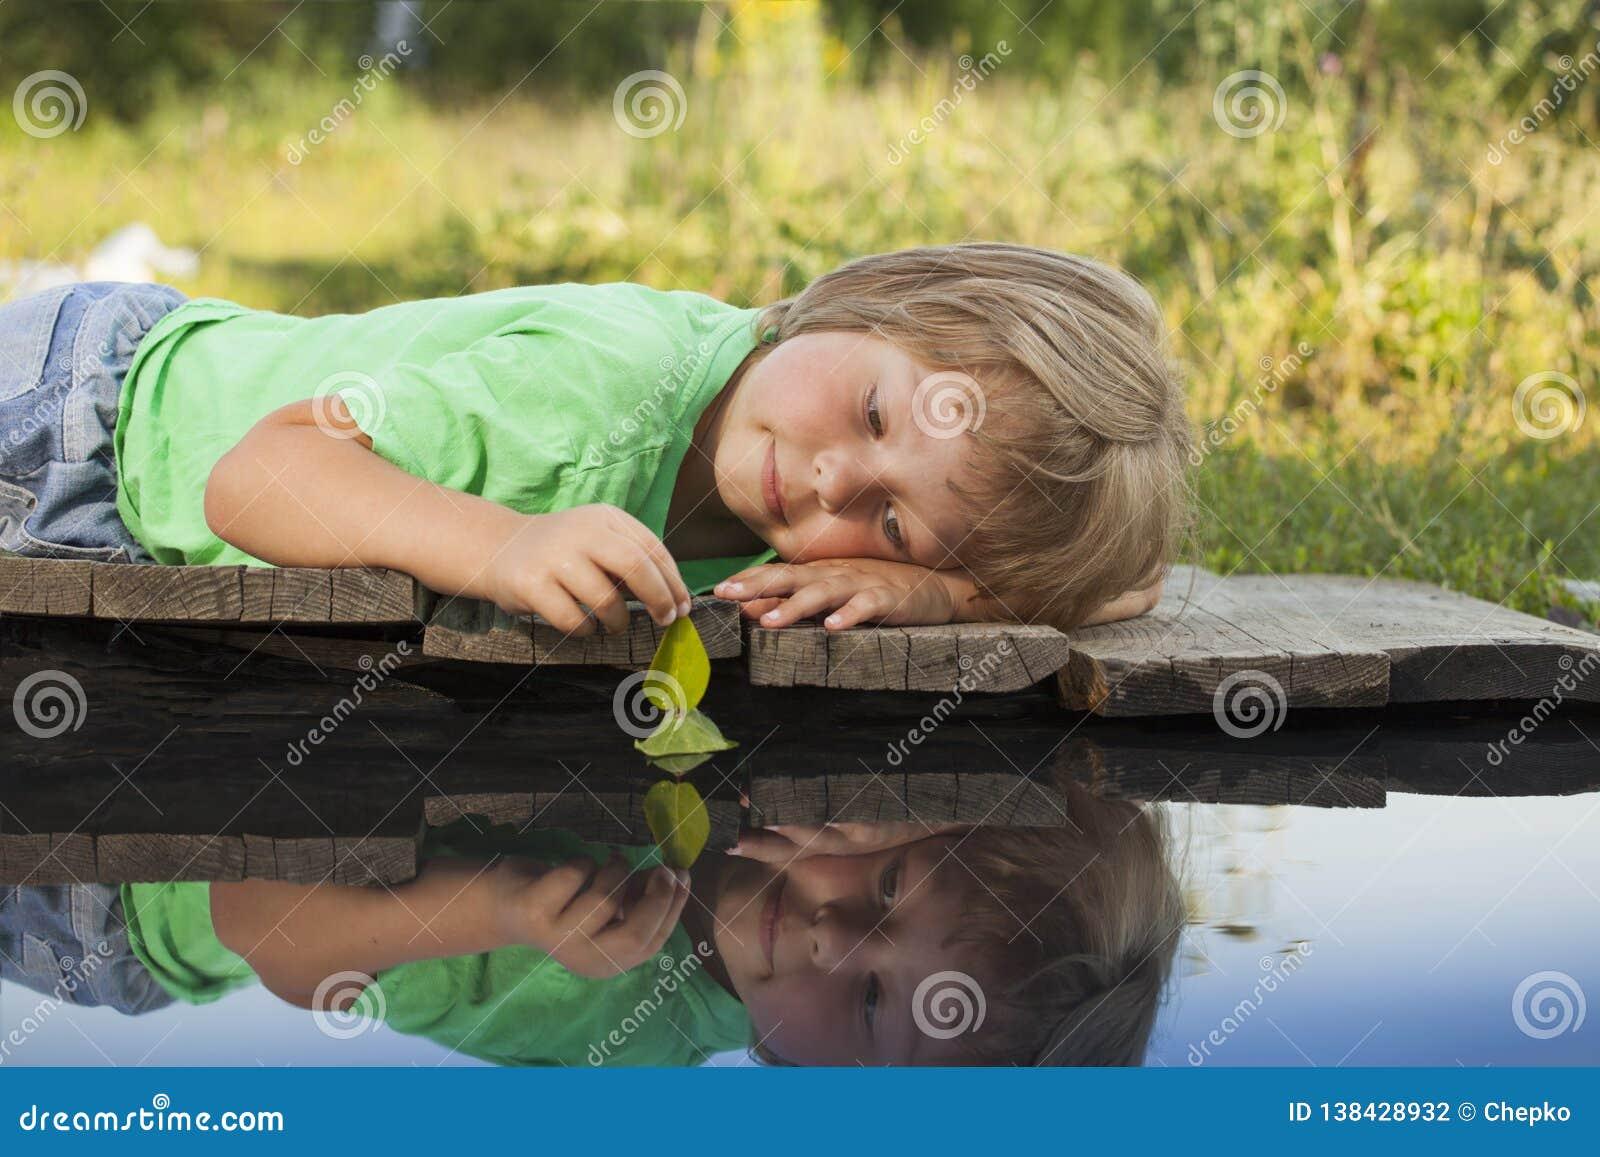 Feuille-bateau vert chez la main des enfants dans l eau, garçon dans le jeu de parc avec le bateau en rivière